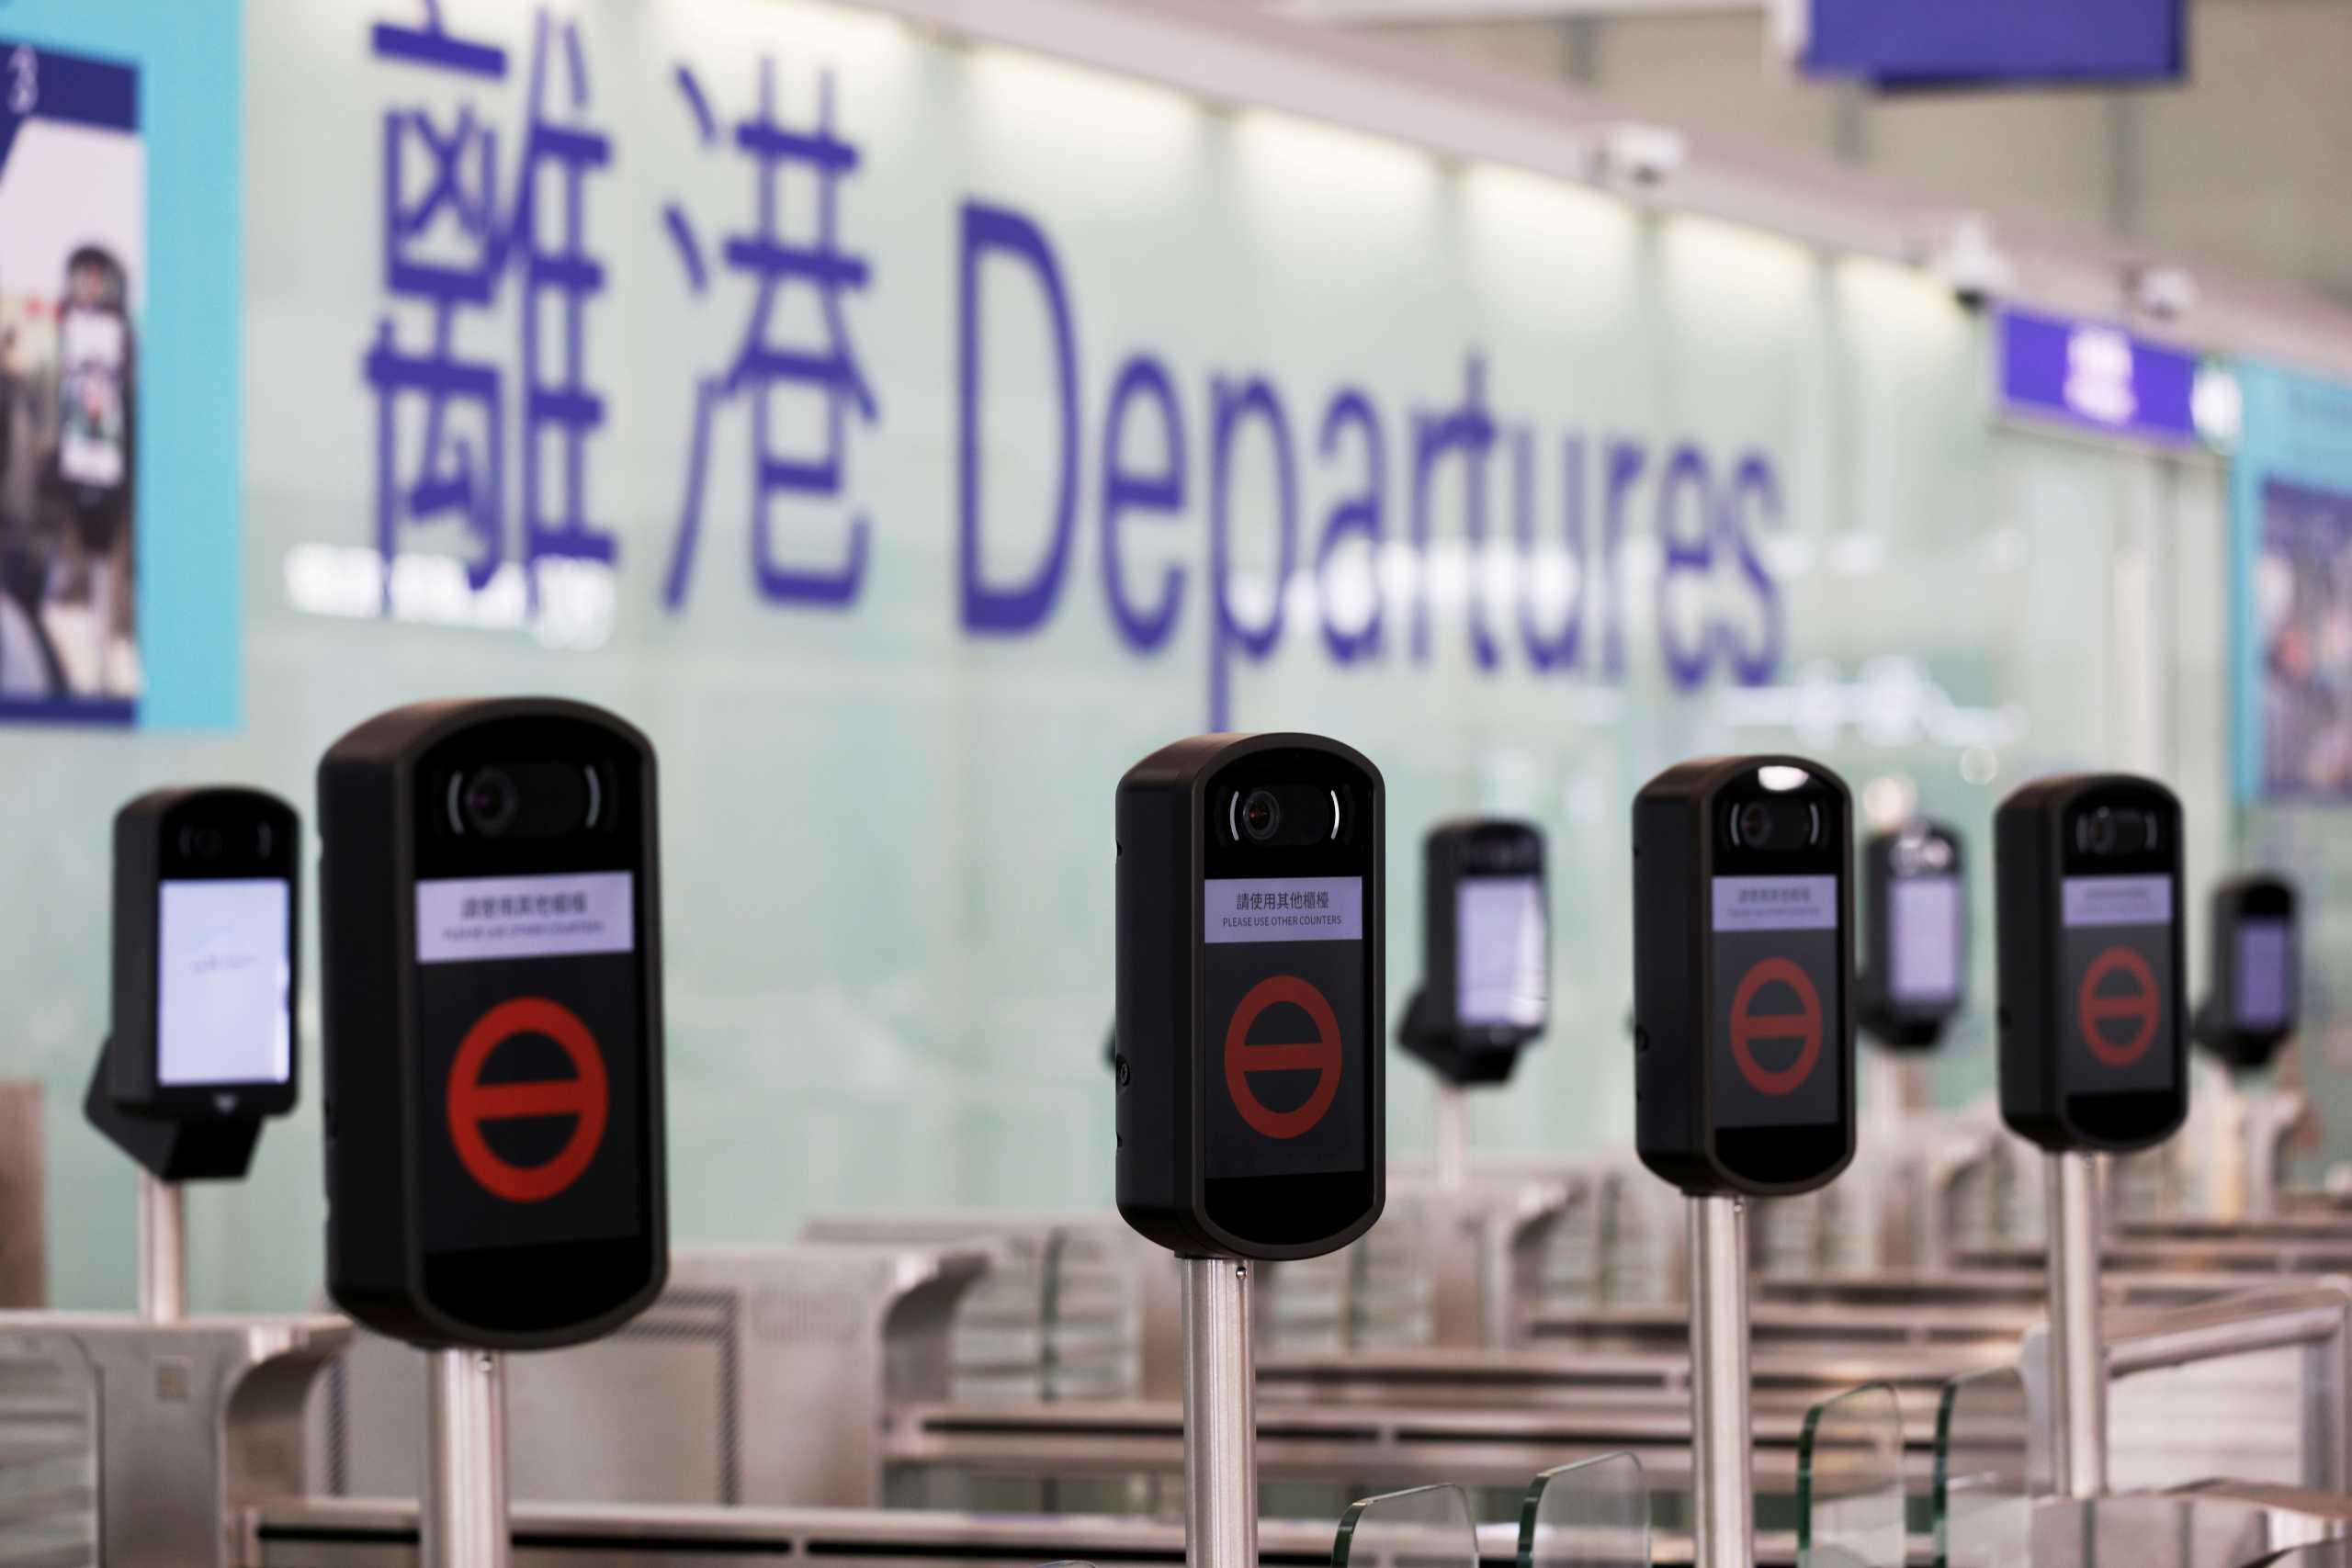 Χονγκ Κονγκ: Μπλόκο στις πτήσεις από Ηνωμένο Βασίλειο λόγω μετάλλαξης Δέλτα